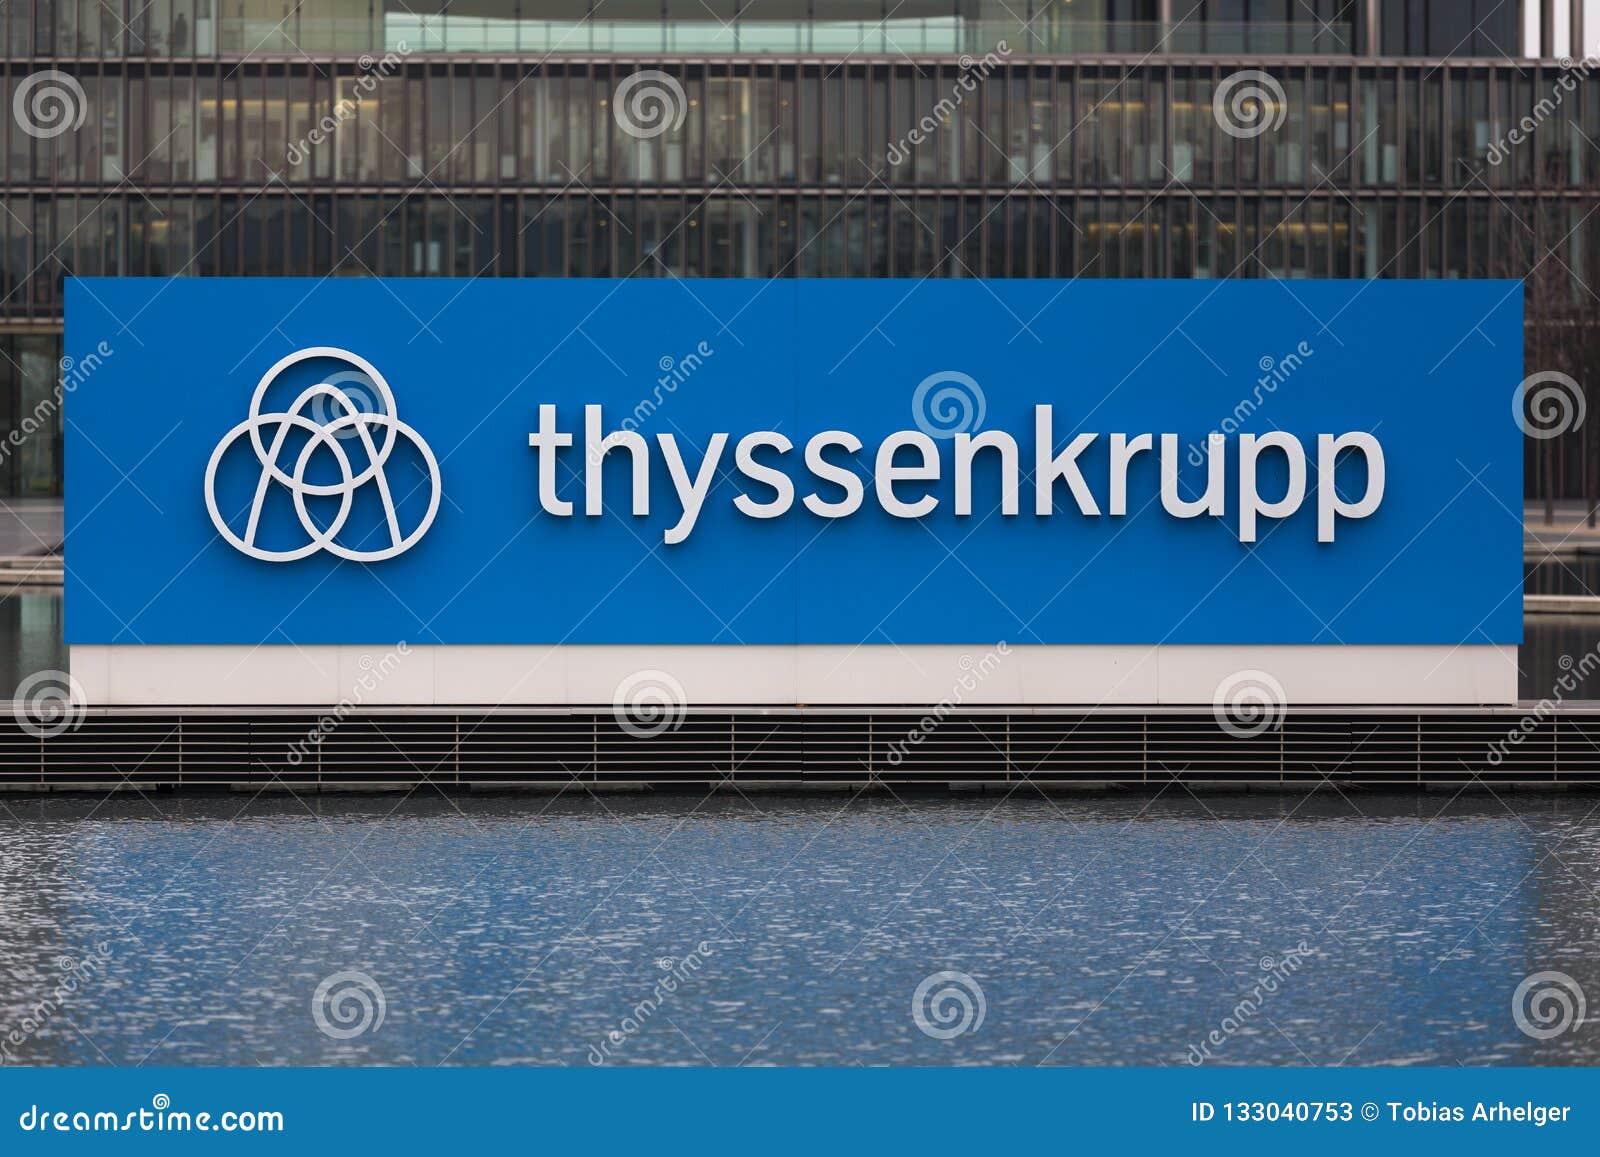 Essen Północny Westphalia, Germany,/- 22 11 18: thyssenkrupp quartier kwatery główne w Essen Germany